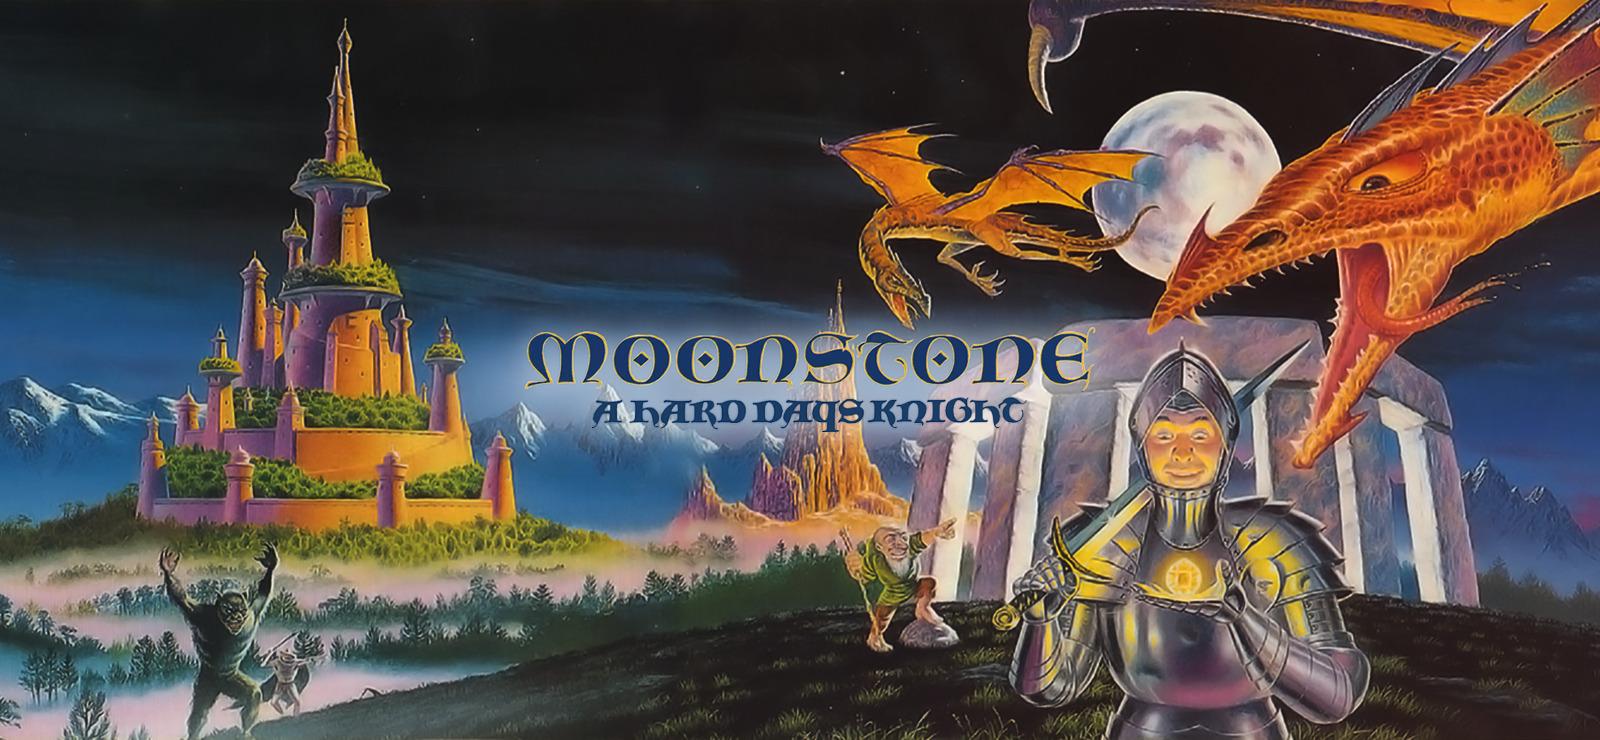 www.gog.com